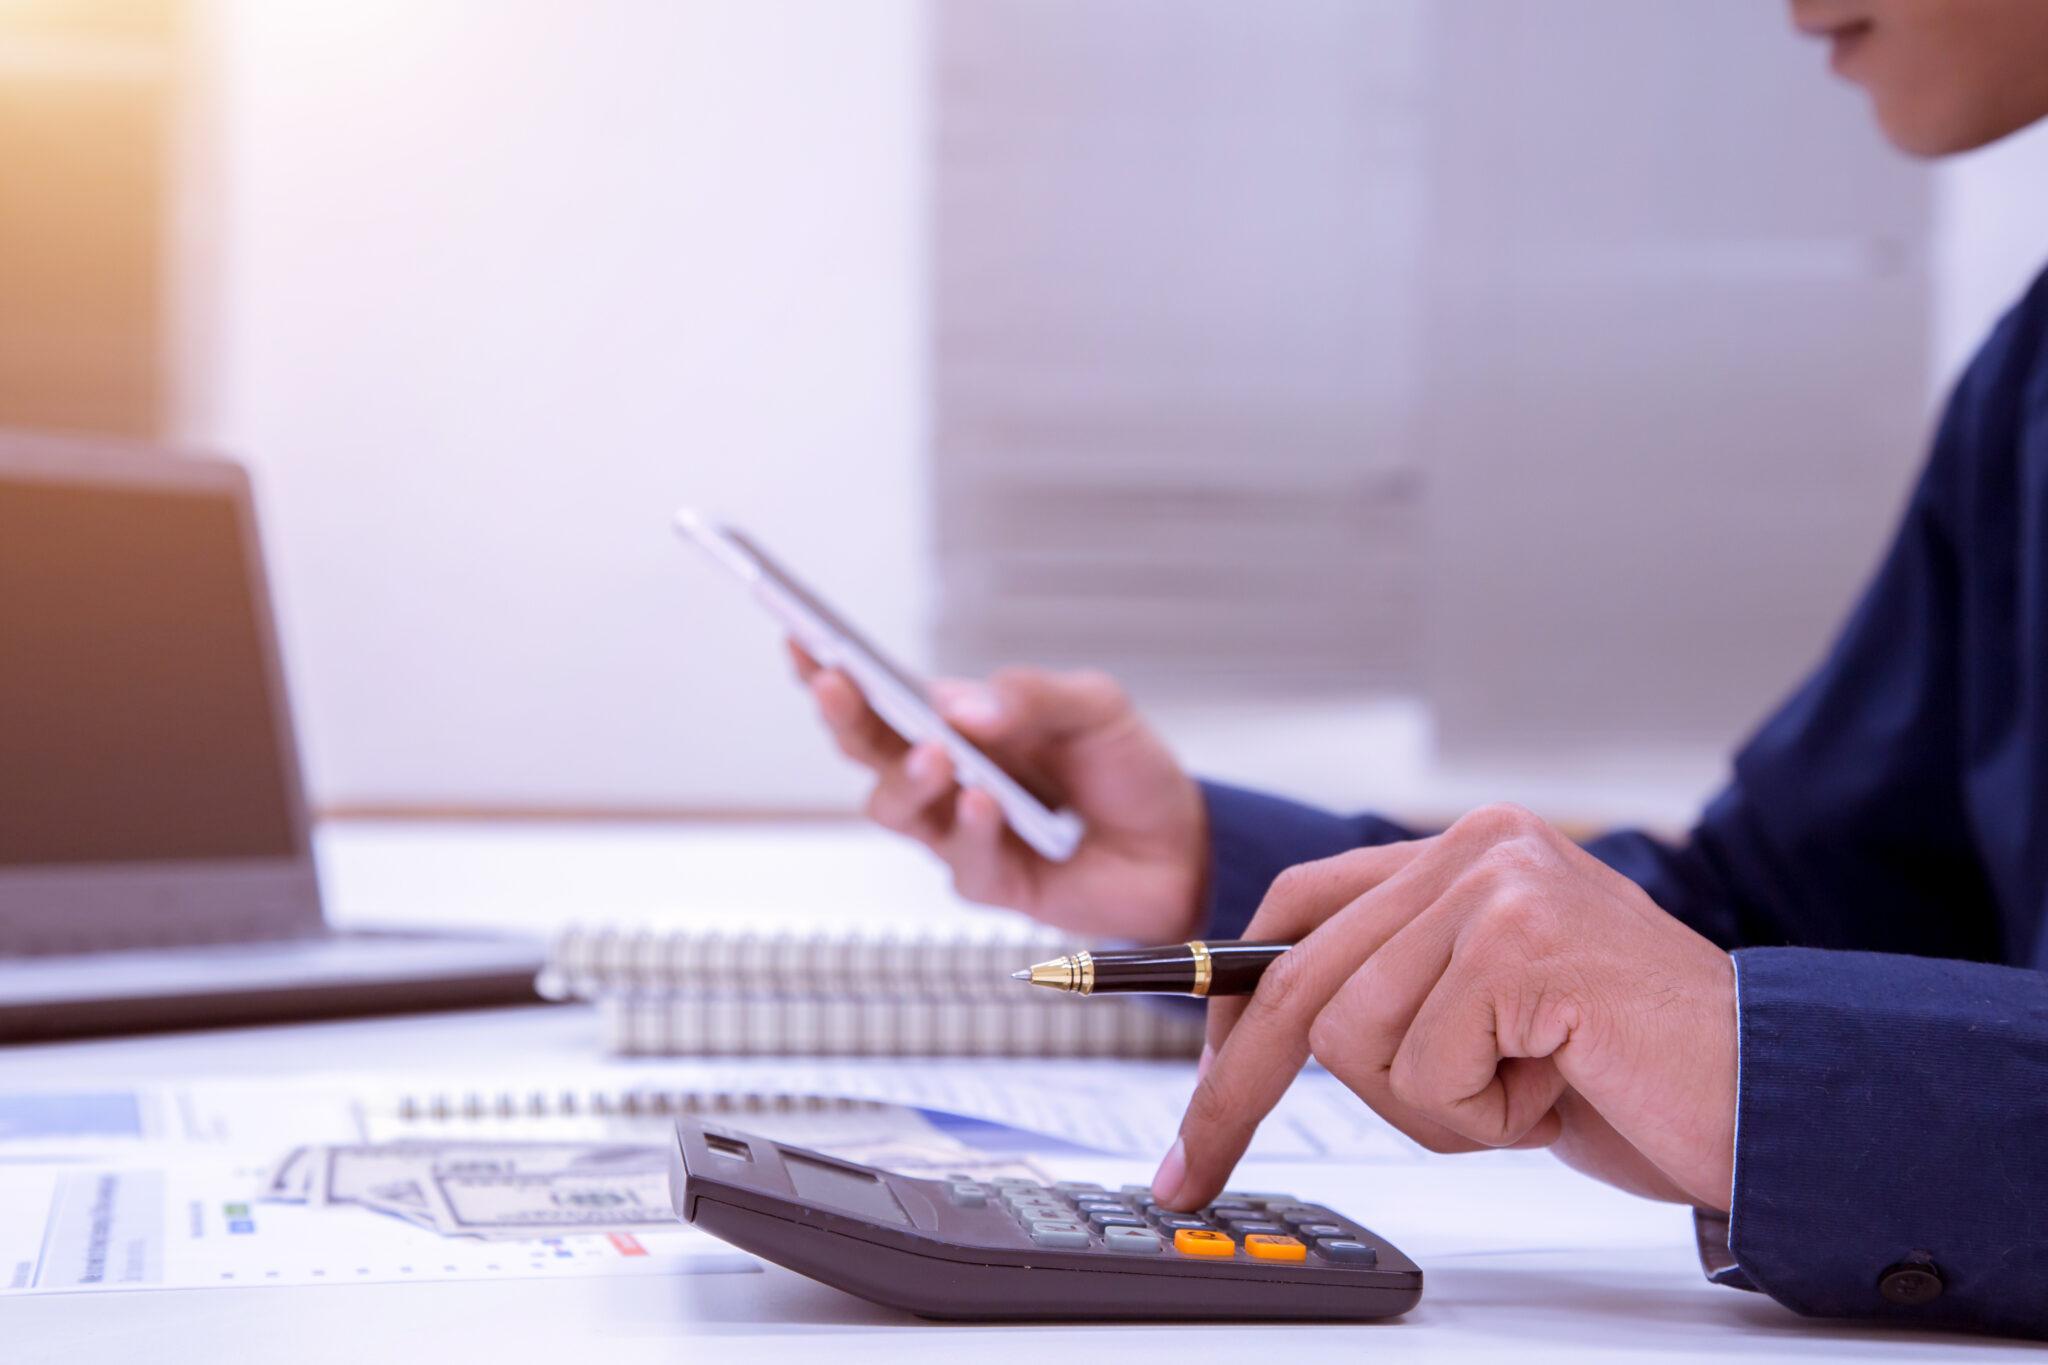 Fraudes empresariais: como evitar que sua empresa seja a vítima?